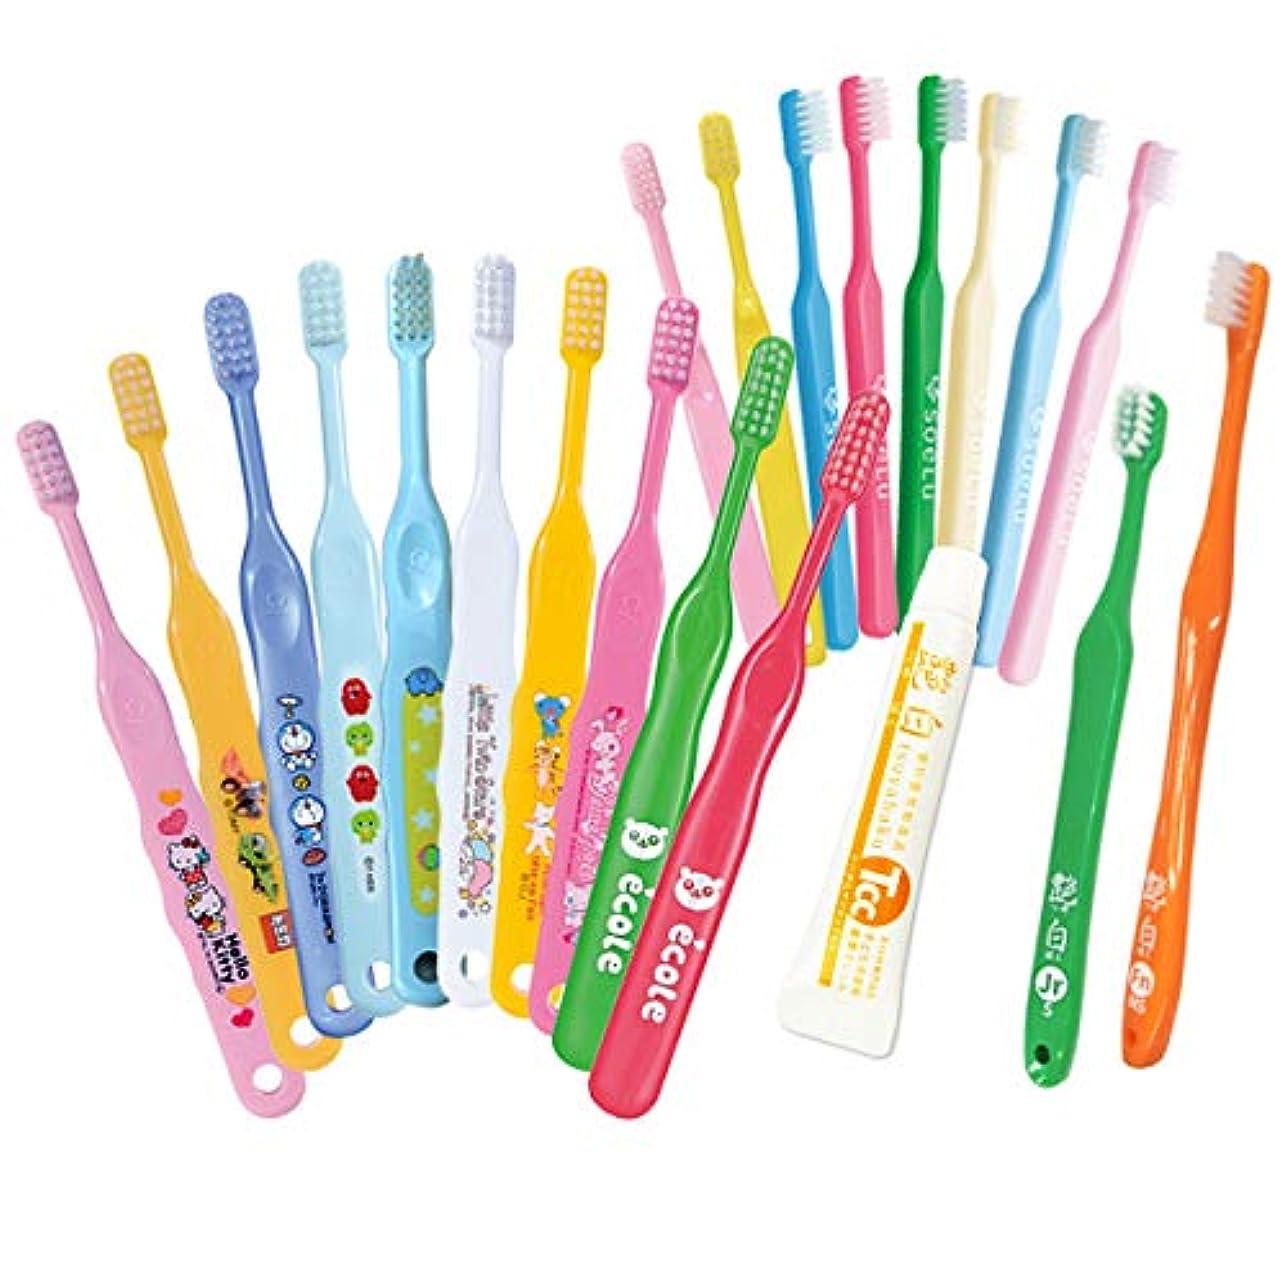 スーププロテスタント一般歯科専売品 子供用 歯ブラシ (キャラクター入り) 20本セット (乳幼児~小学校低学年用)+艶白(つやはく) 薬用 歯磨きジェル トータルケアチャイルド Tcc 5g×1本